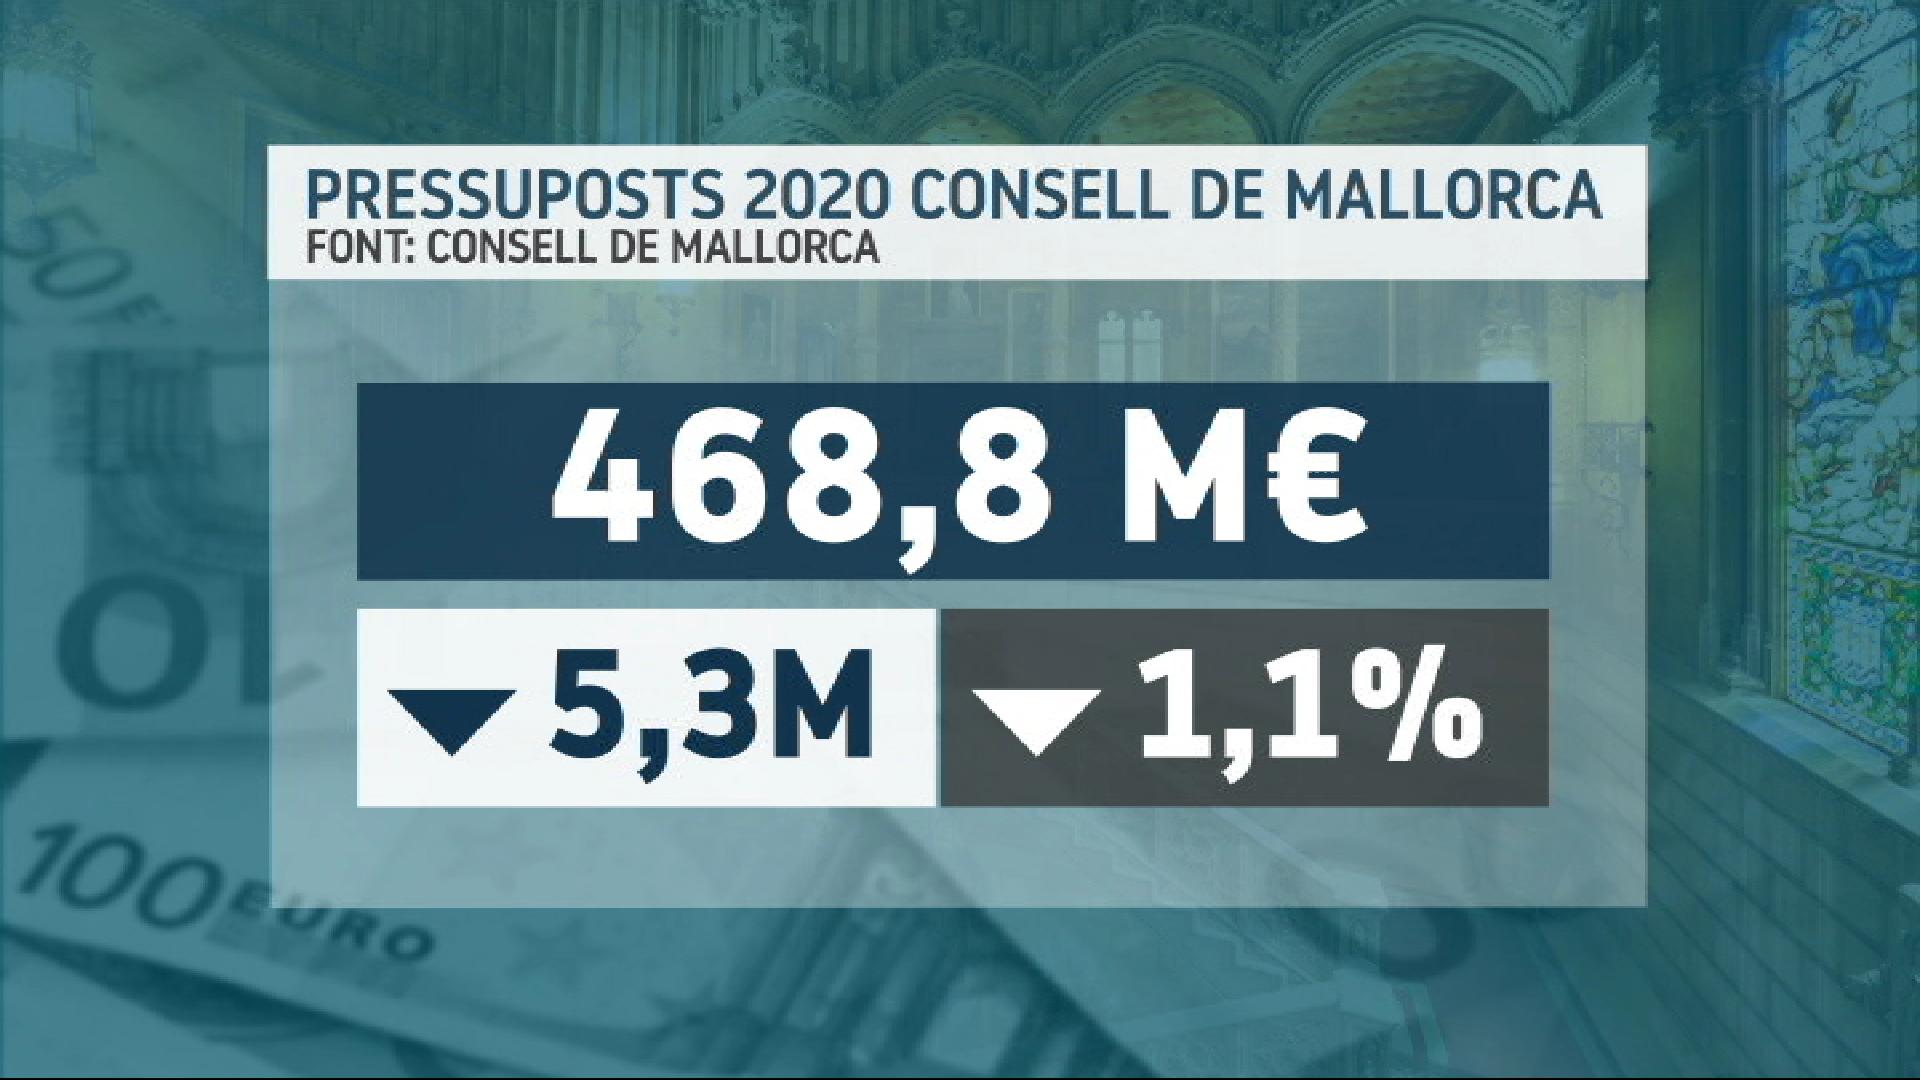 El+pressupost+del+Consell+de+Mallorca+en+el+2020+baixar%C3%A0+un+1%2C1%25